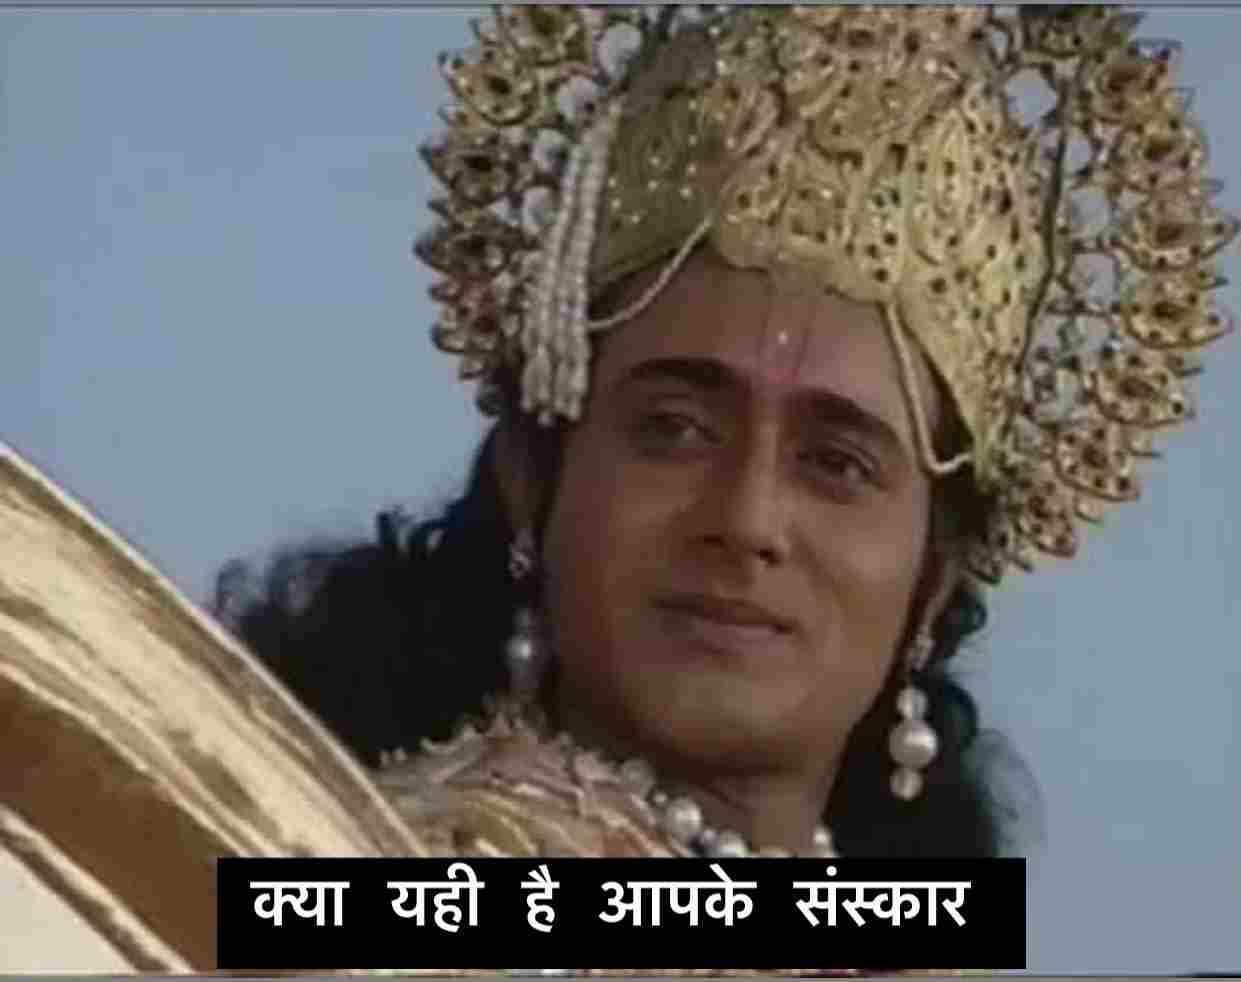 kya yahi hai apke sanskar ram - Meme Templates House